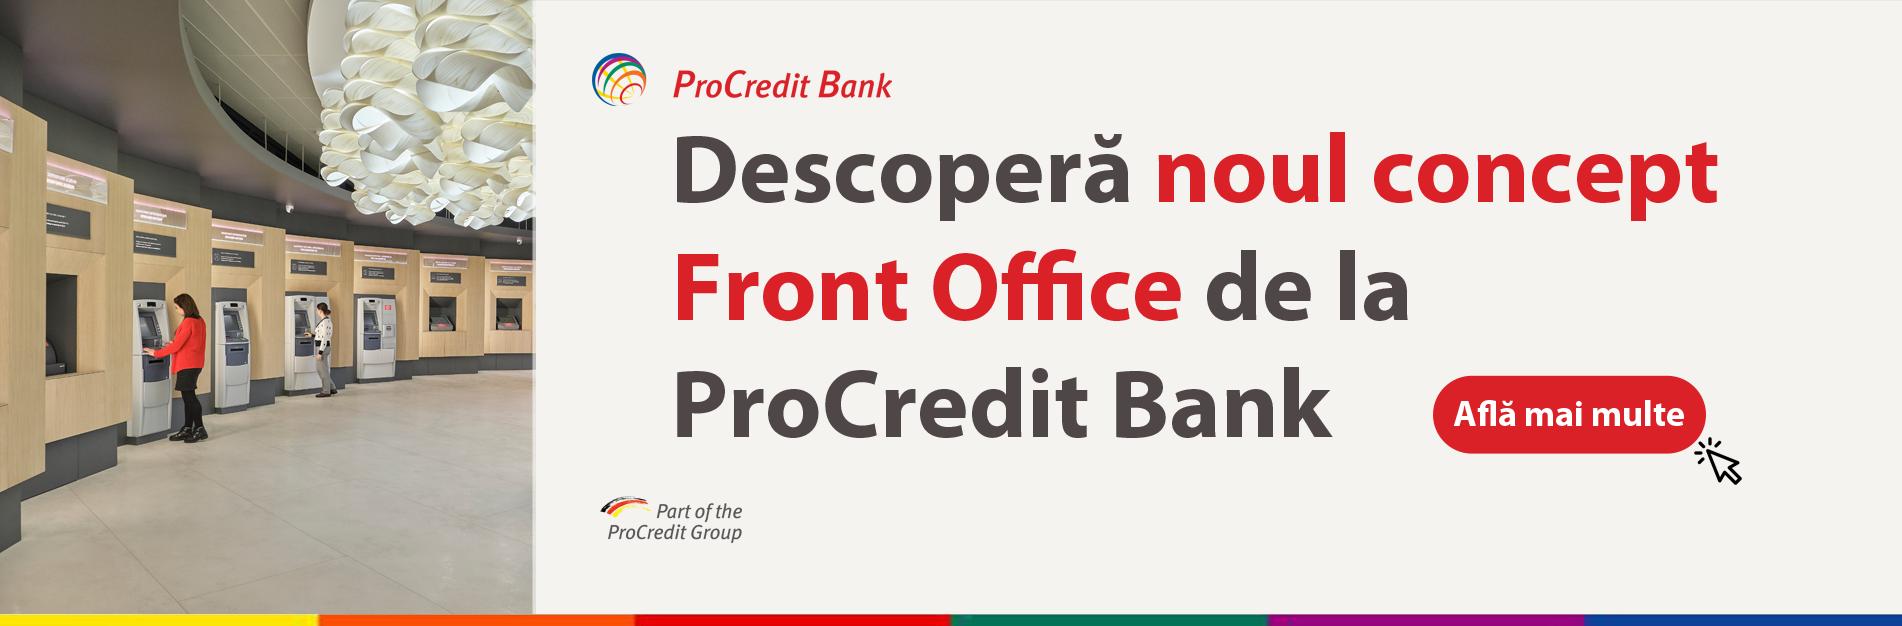 FrontOffice de la PCB